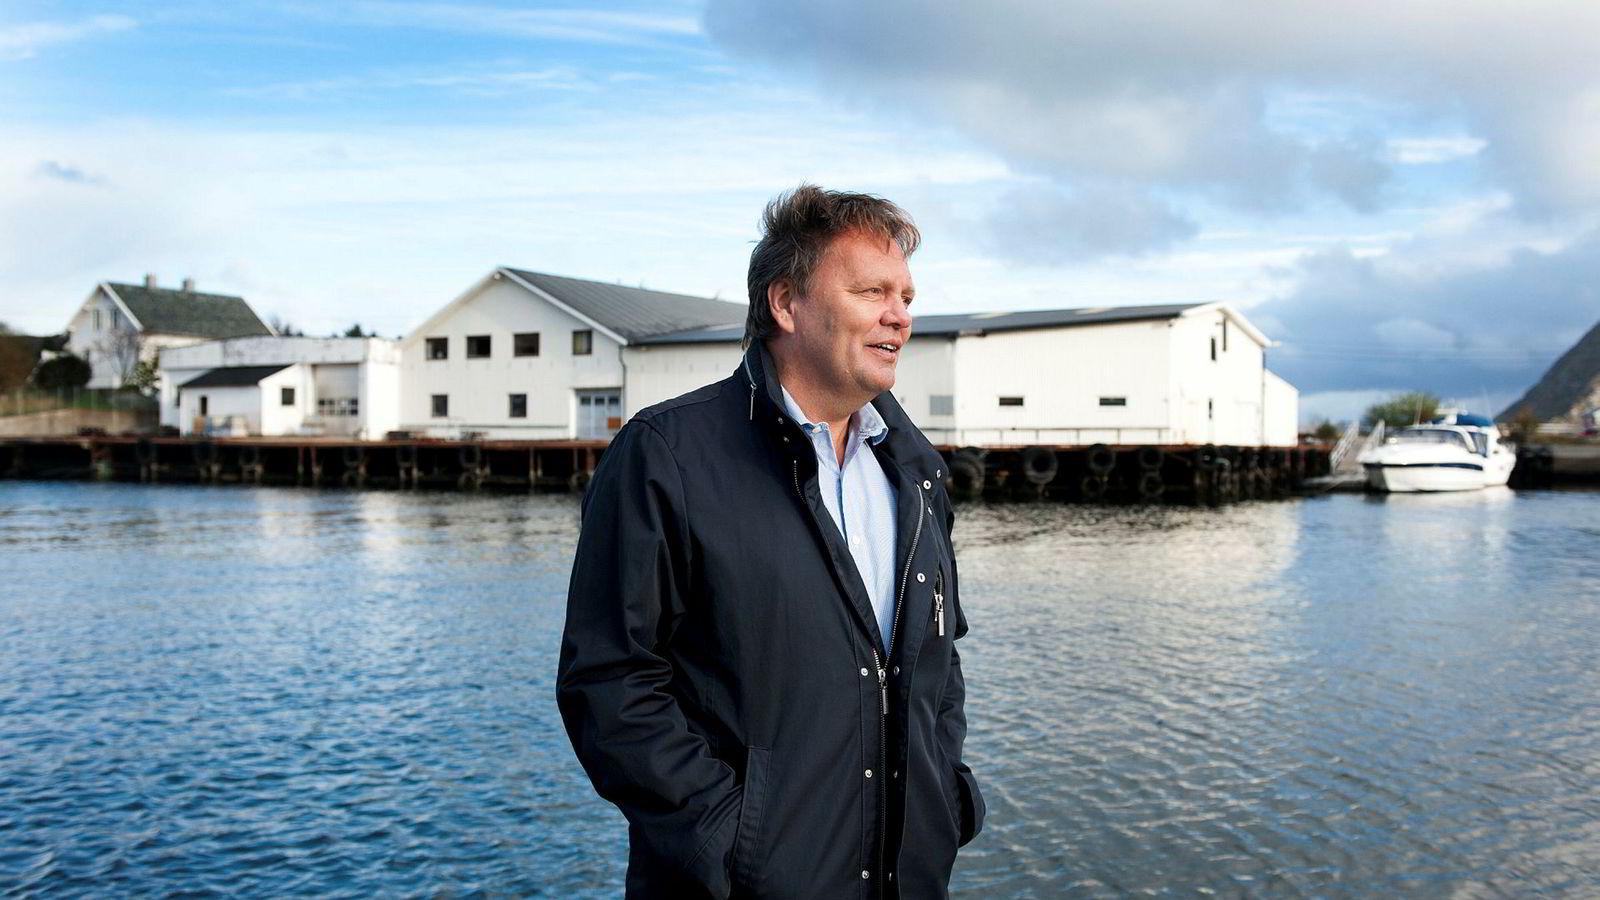 Stig Remøy truer med søksmål mot Kjell Inge Røkkes krillrederi Aker Biomarine, hvis konkurrenten tar i bruk hans patentbeskyttede metoder.